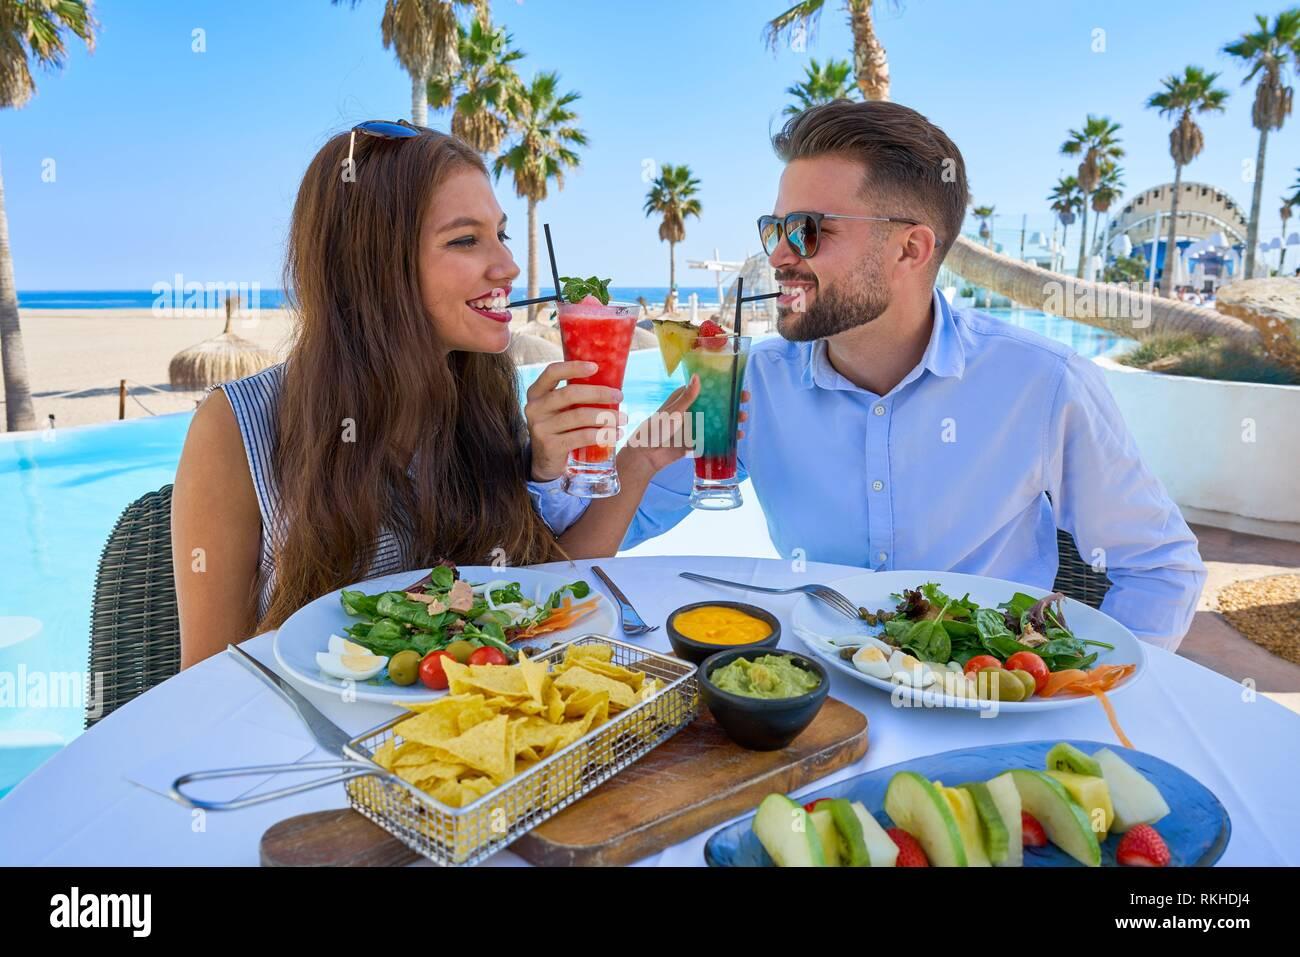 Pareja joven con cócteles en el restaurante de la piscina. Imagen De Stock